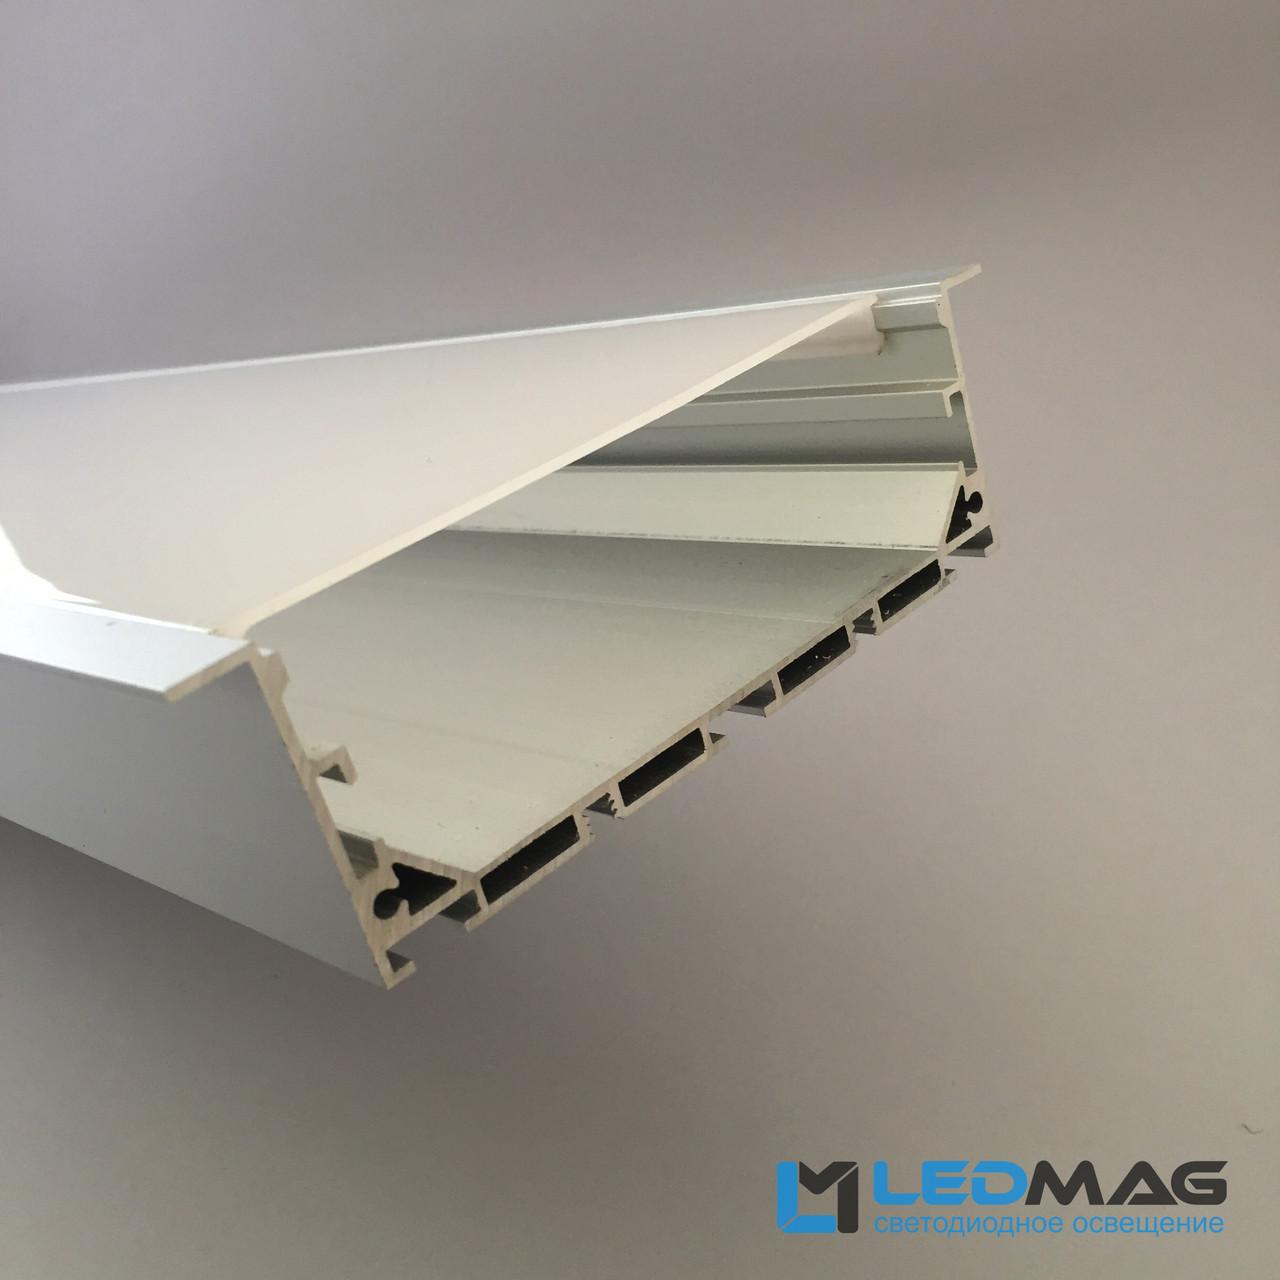 Широкий светодиодный профиль под две светодиодные ленты встраиваемый 115(100)х35 мм + рассеиватель в комплекте